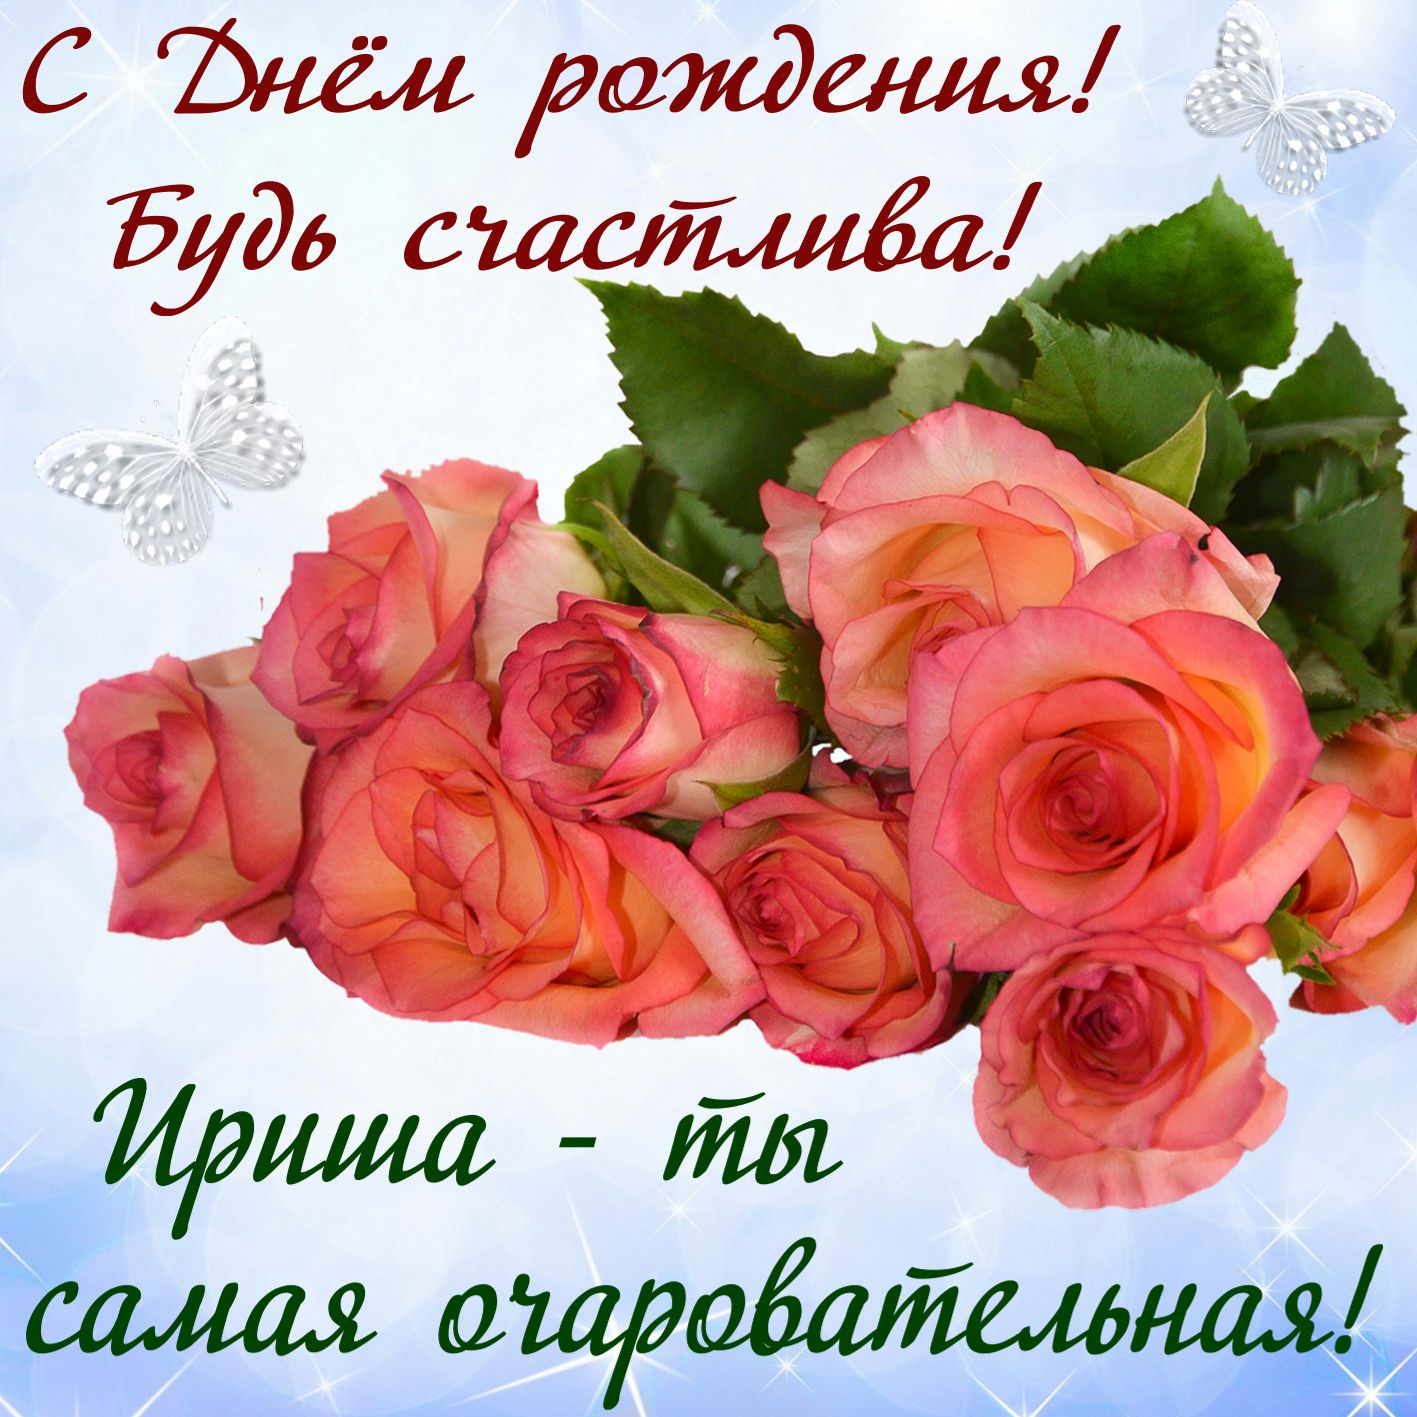 Поздравление с днём рождения для ирины